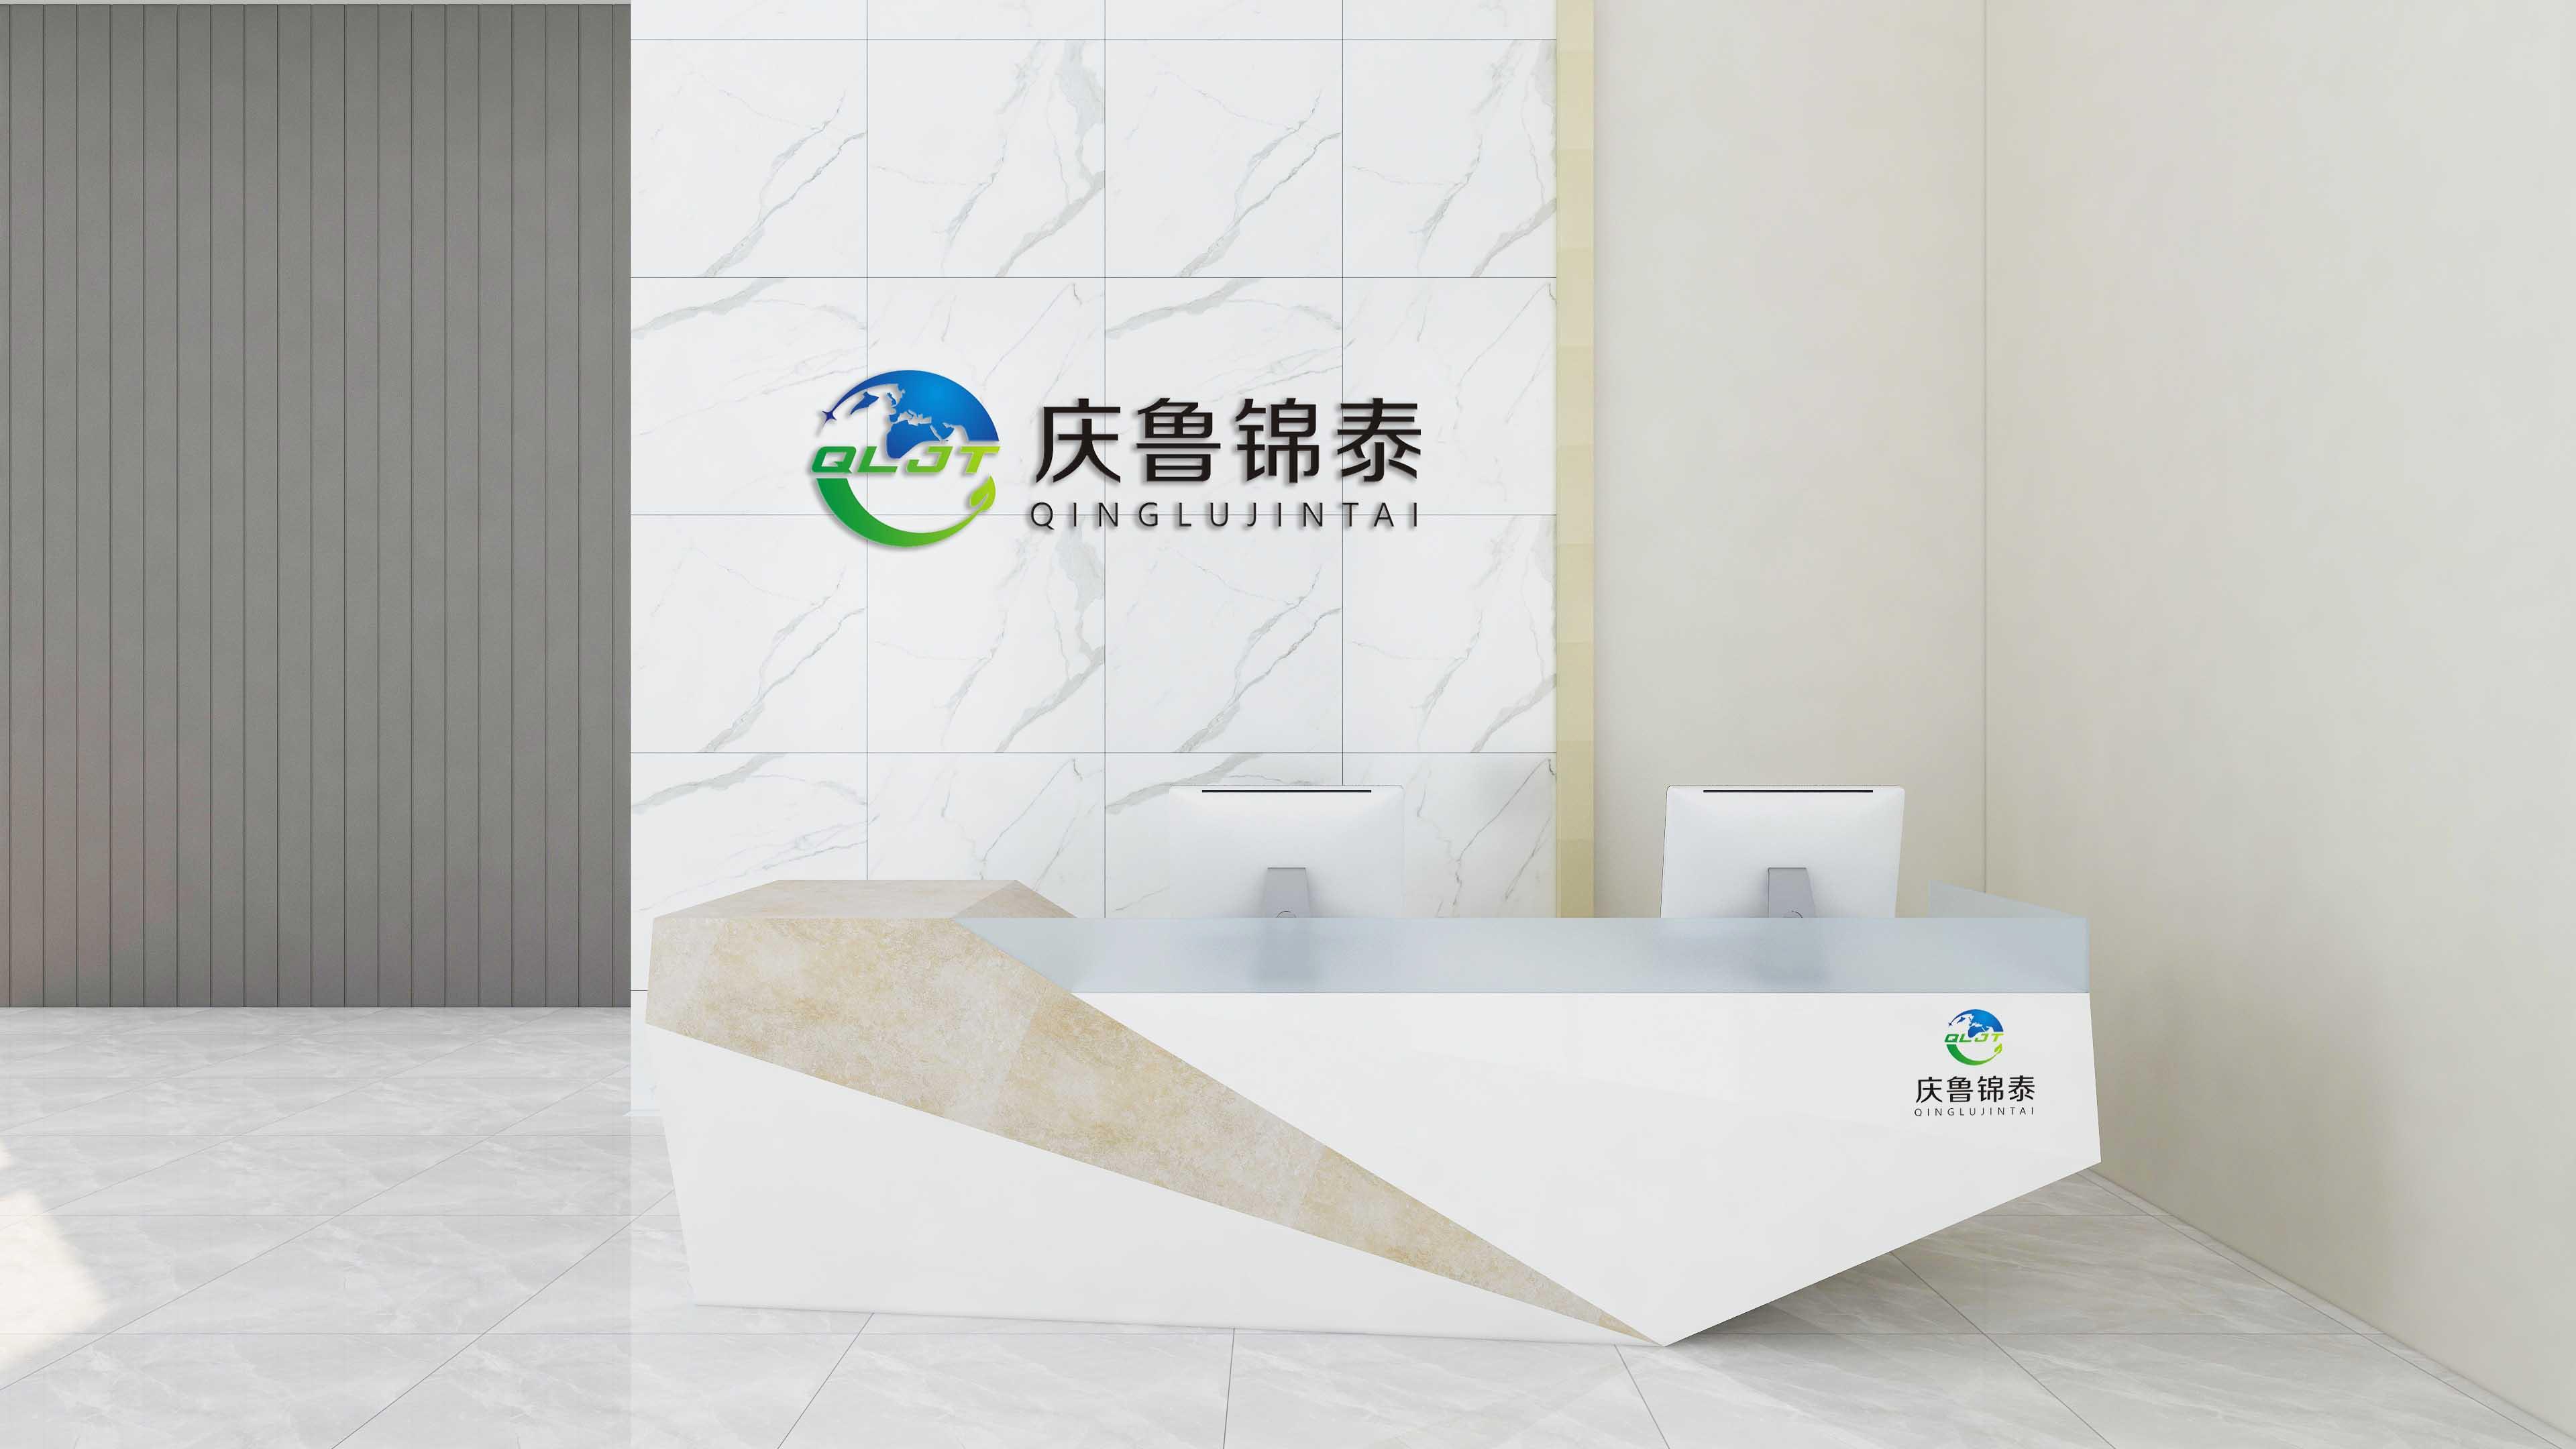 防腐科技公司LOGO设计_3032735_k68威客网